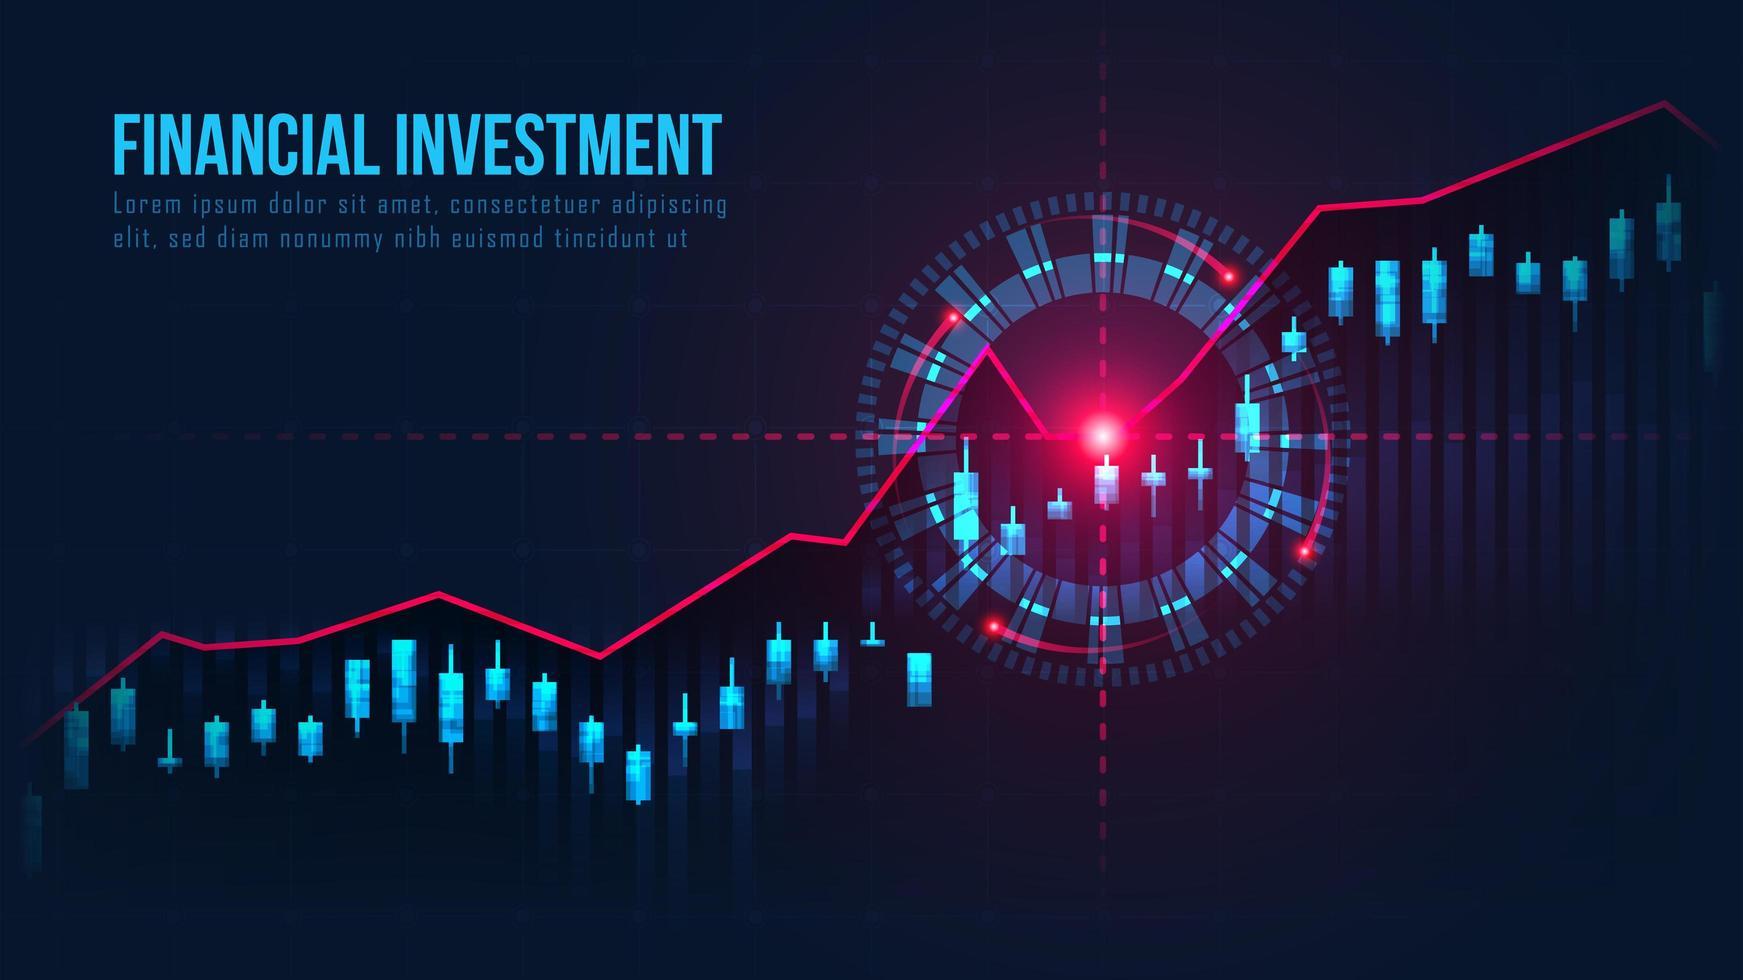 graphique de trading lumineux avec signal cible d'achat vecteur